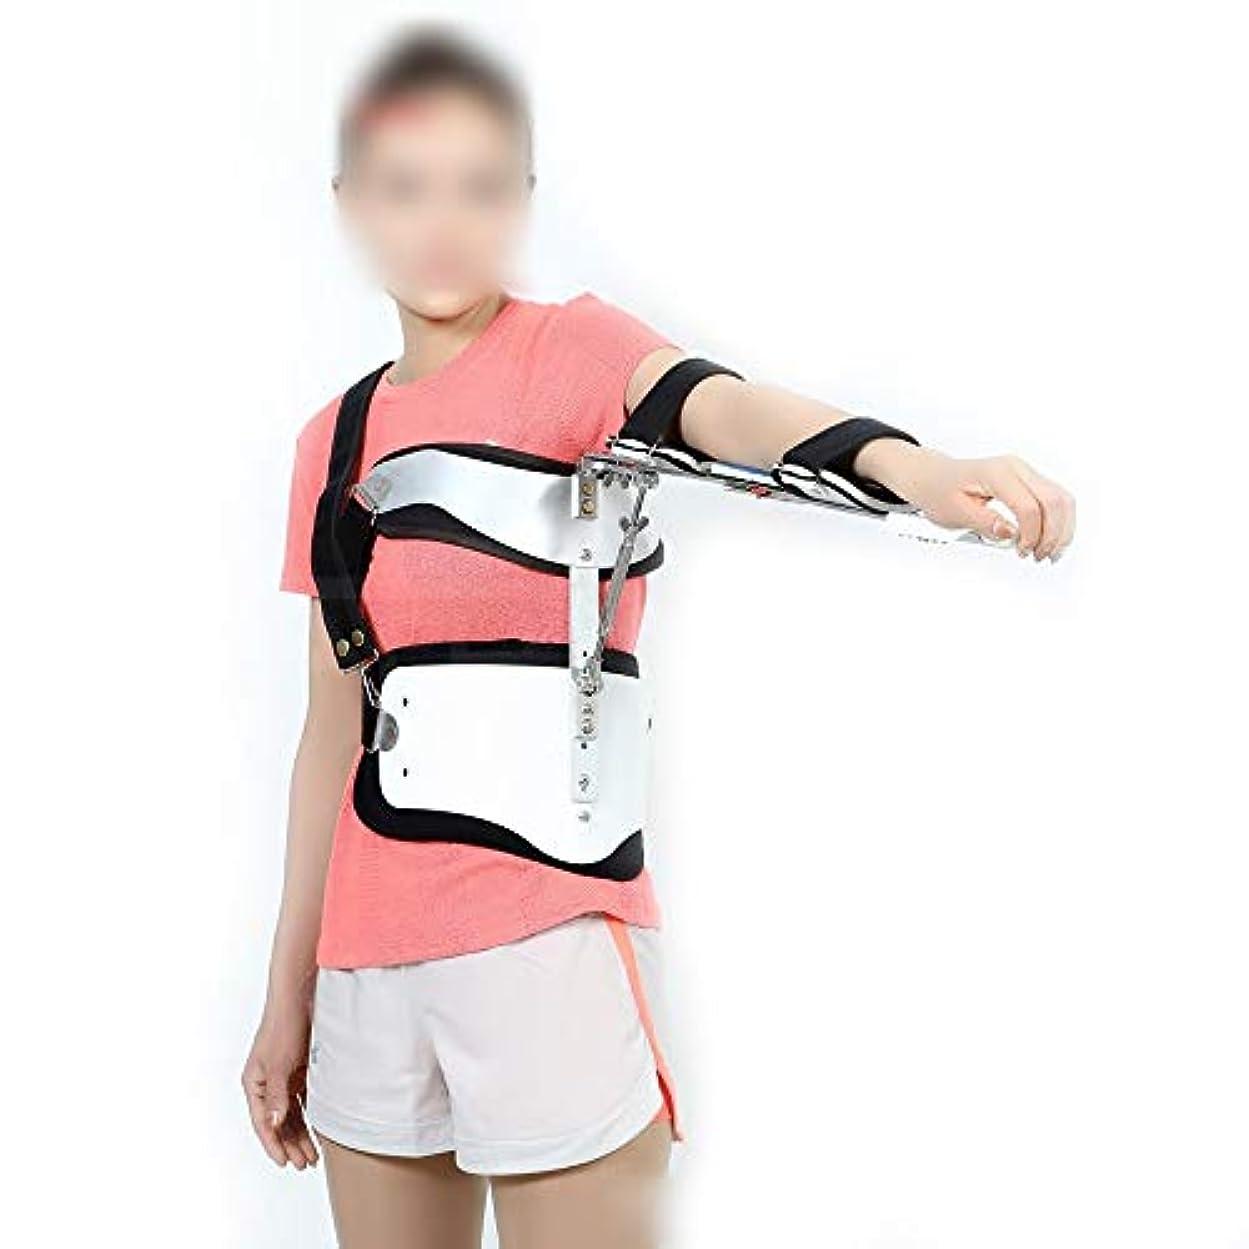 忌み嫌う戦い臨検ZYL-YL 調節可能なショルダー拉致ブラケット肩関節サポートブレース破壊リハビリテーションハーネスアーム転位デバイス